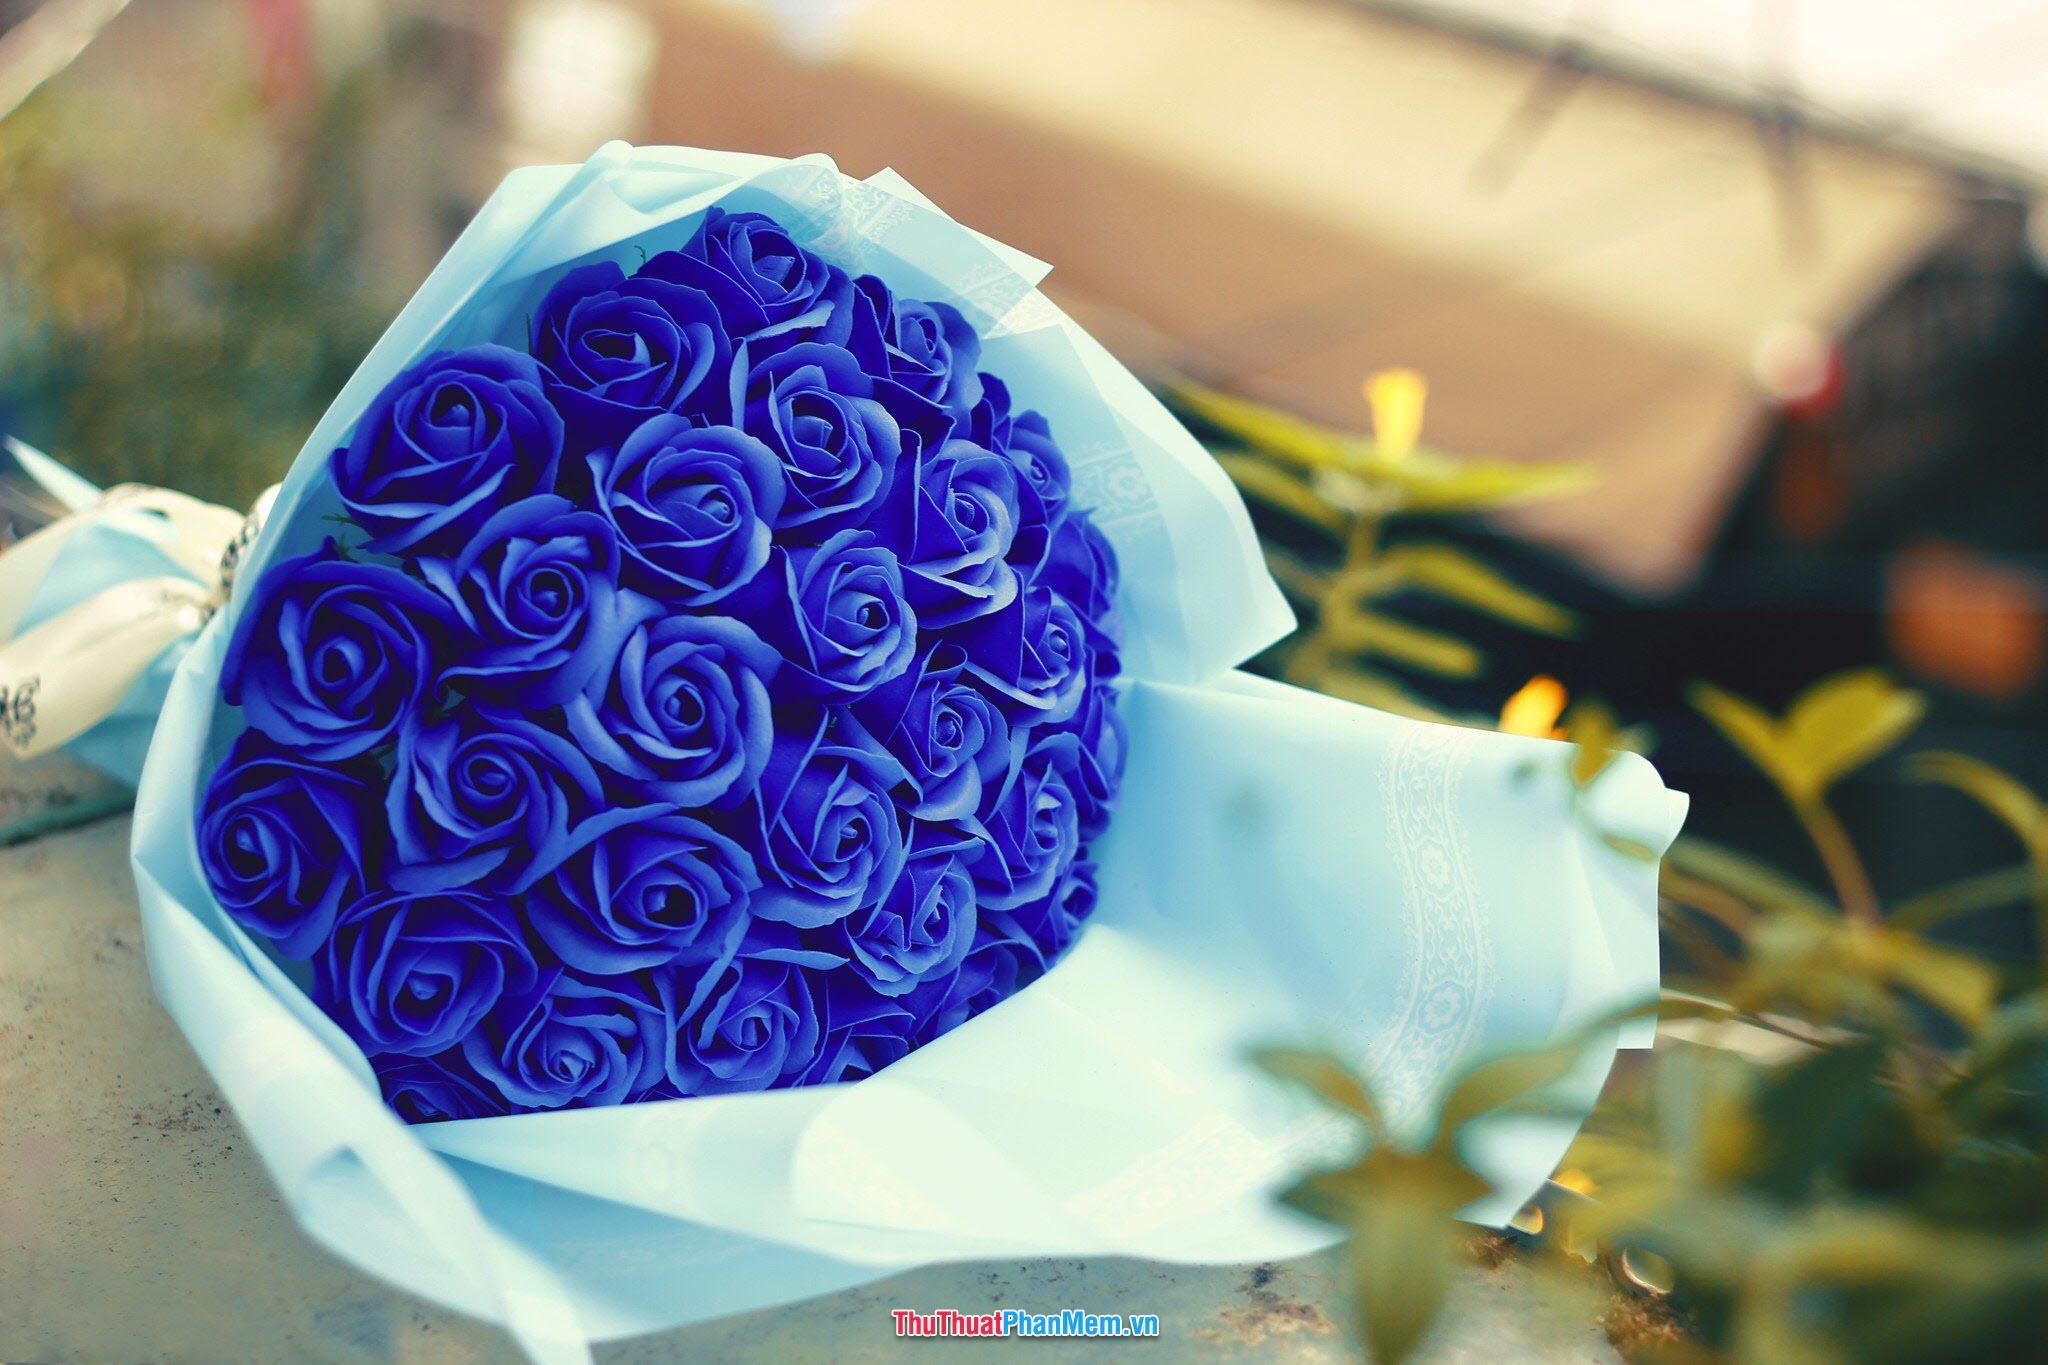 Hoa hồng xanh dành tặng mẹ nhân ngày mùng 8 tháng 3